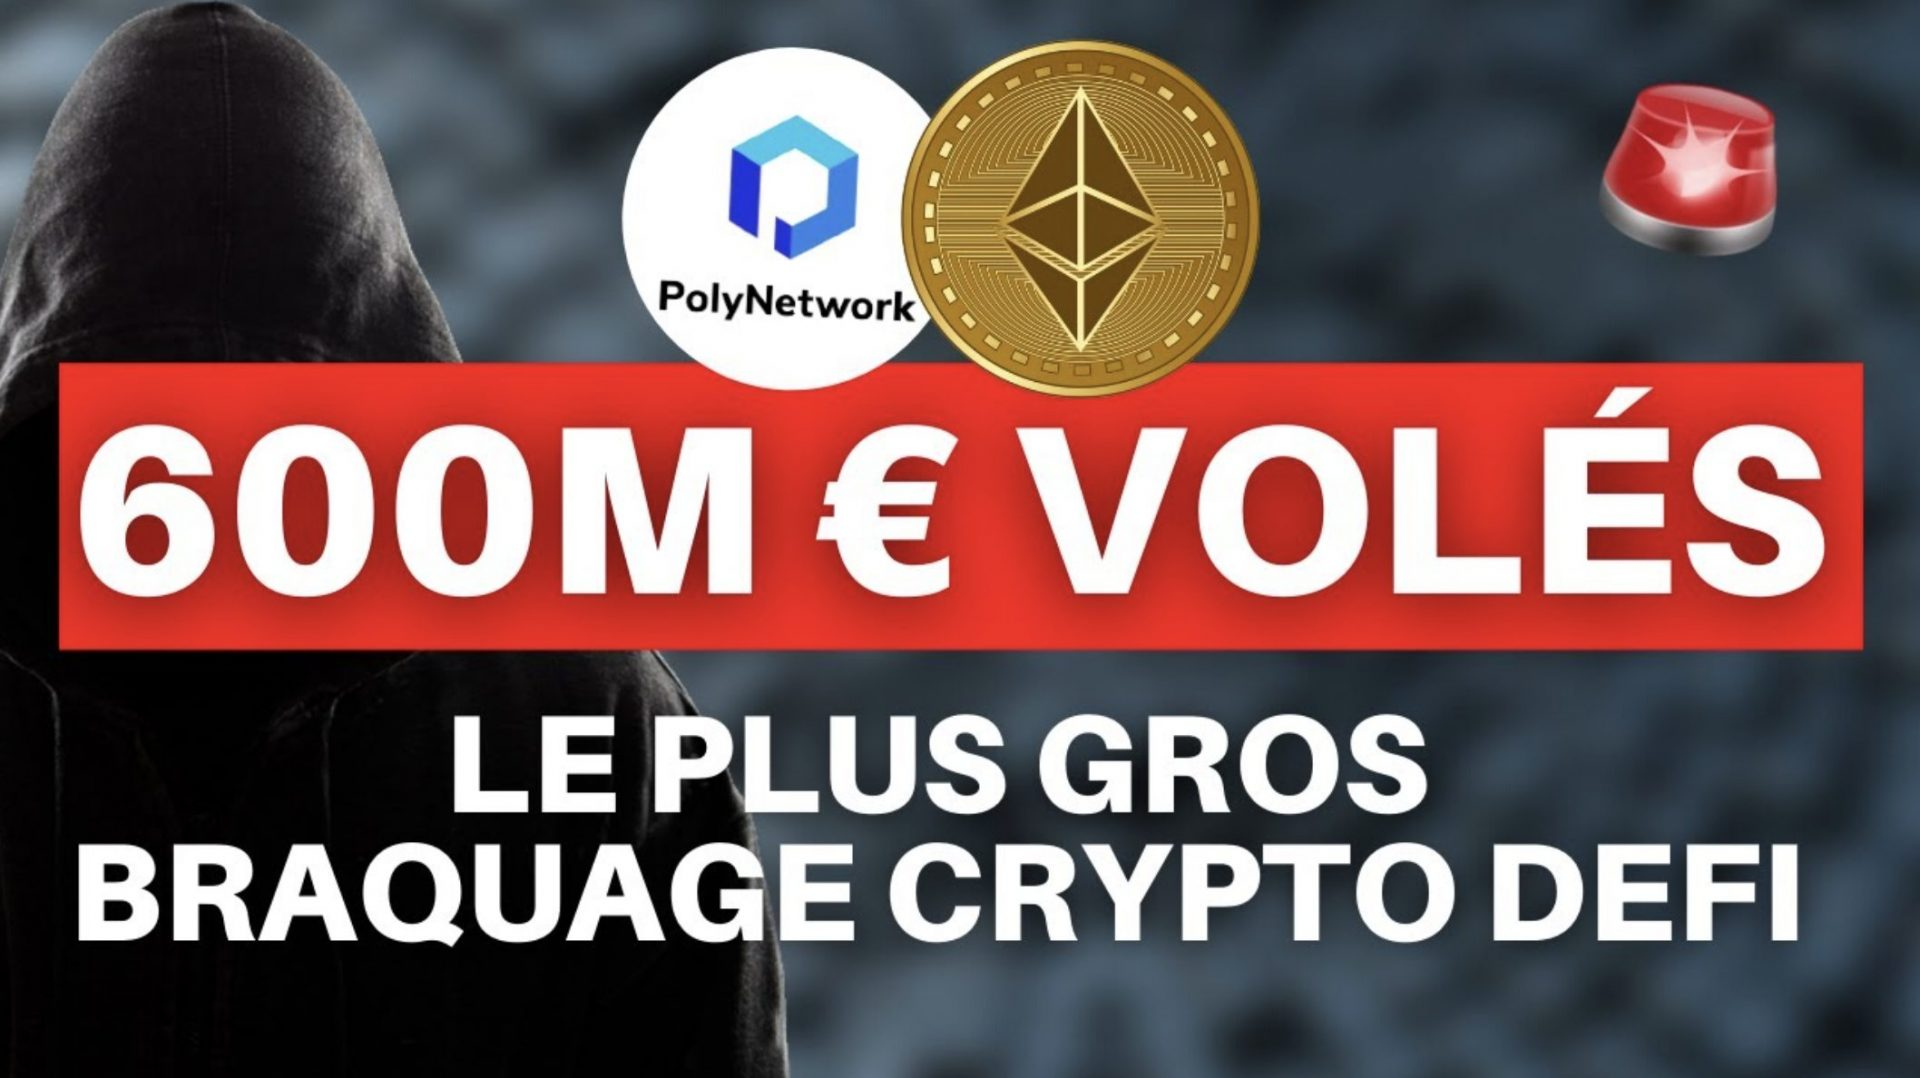 Le vol de Poly Network illustre la nature risquée du secteur des crypto-monnaies